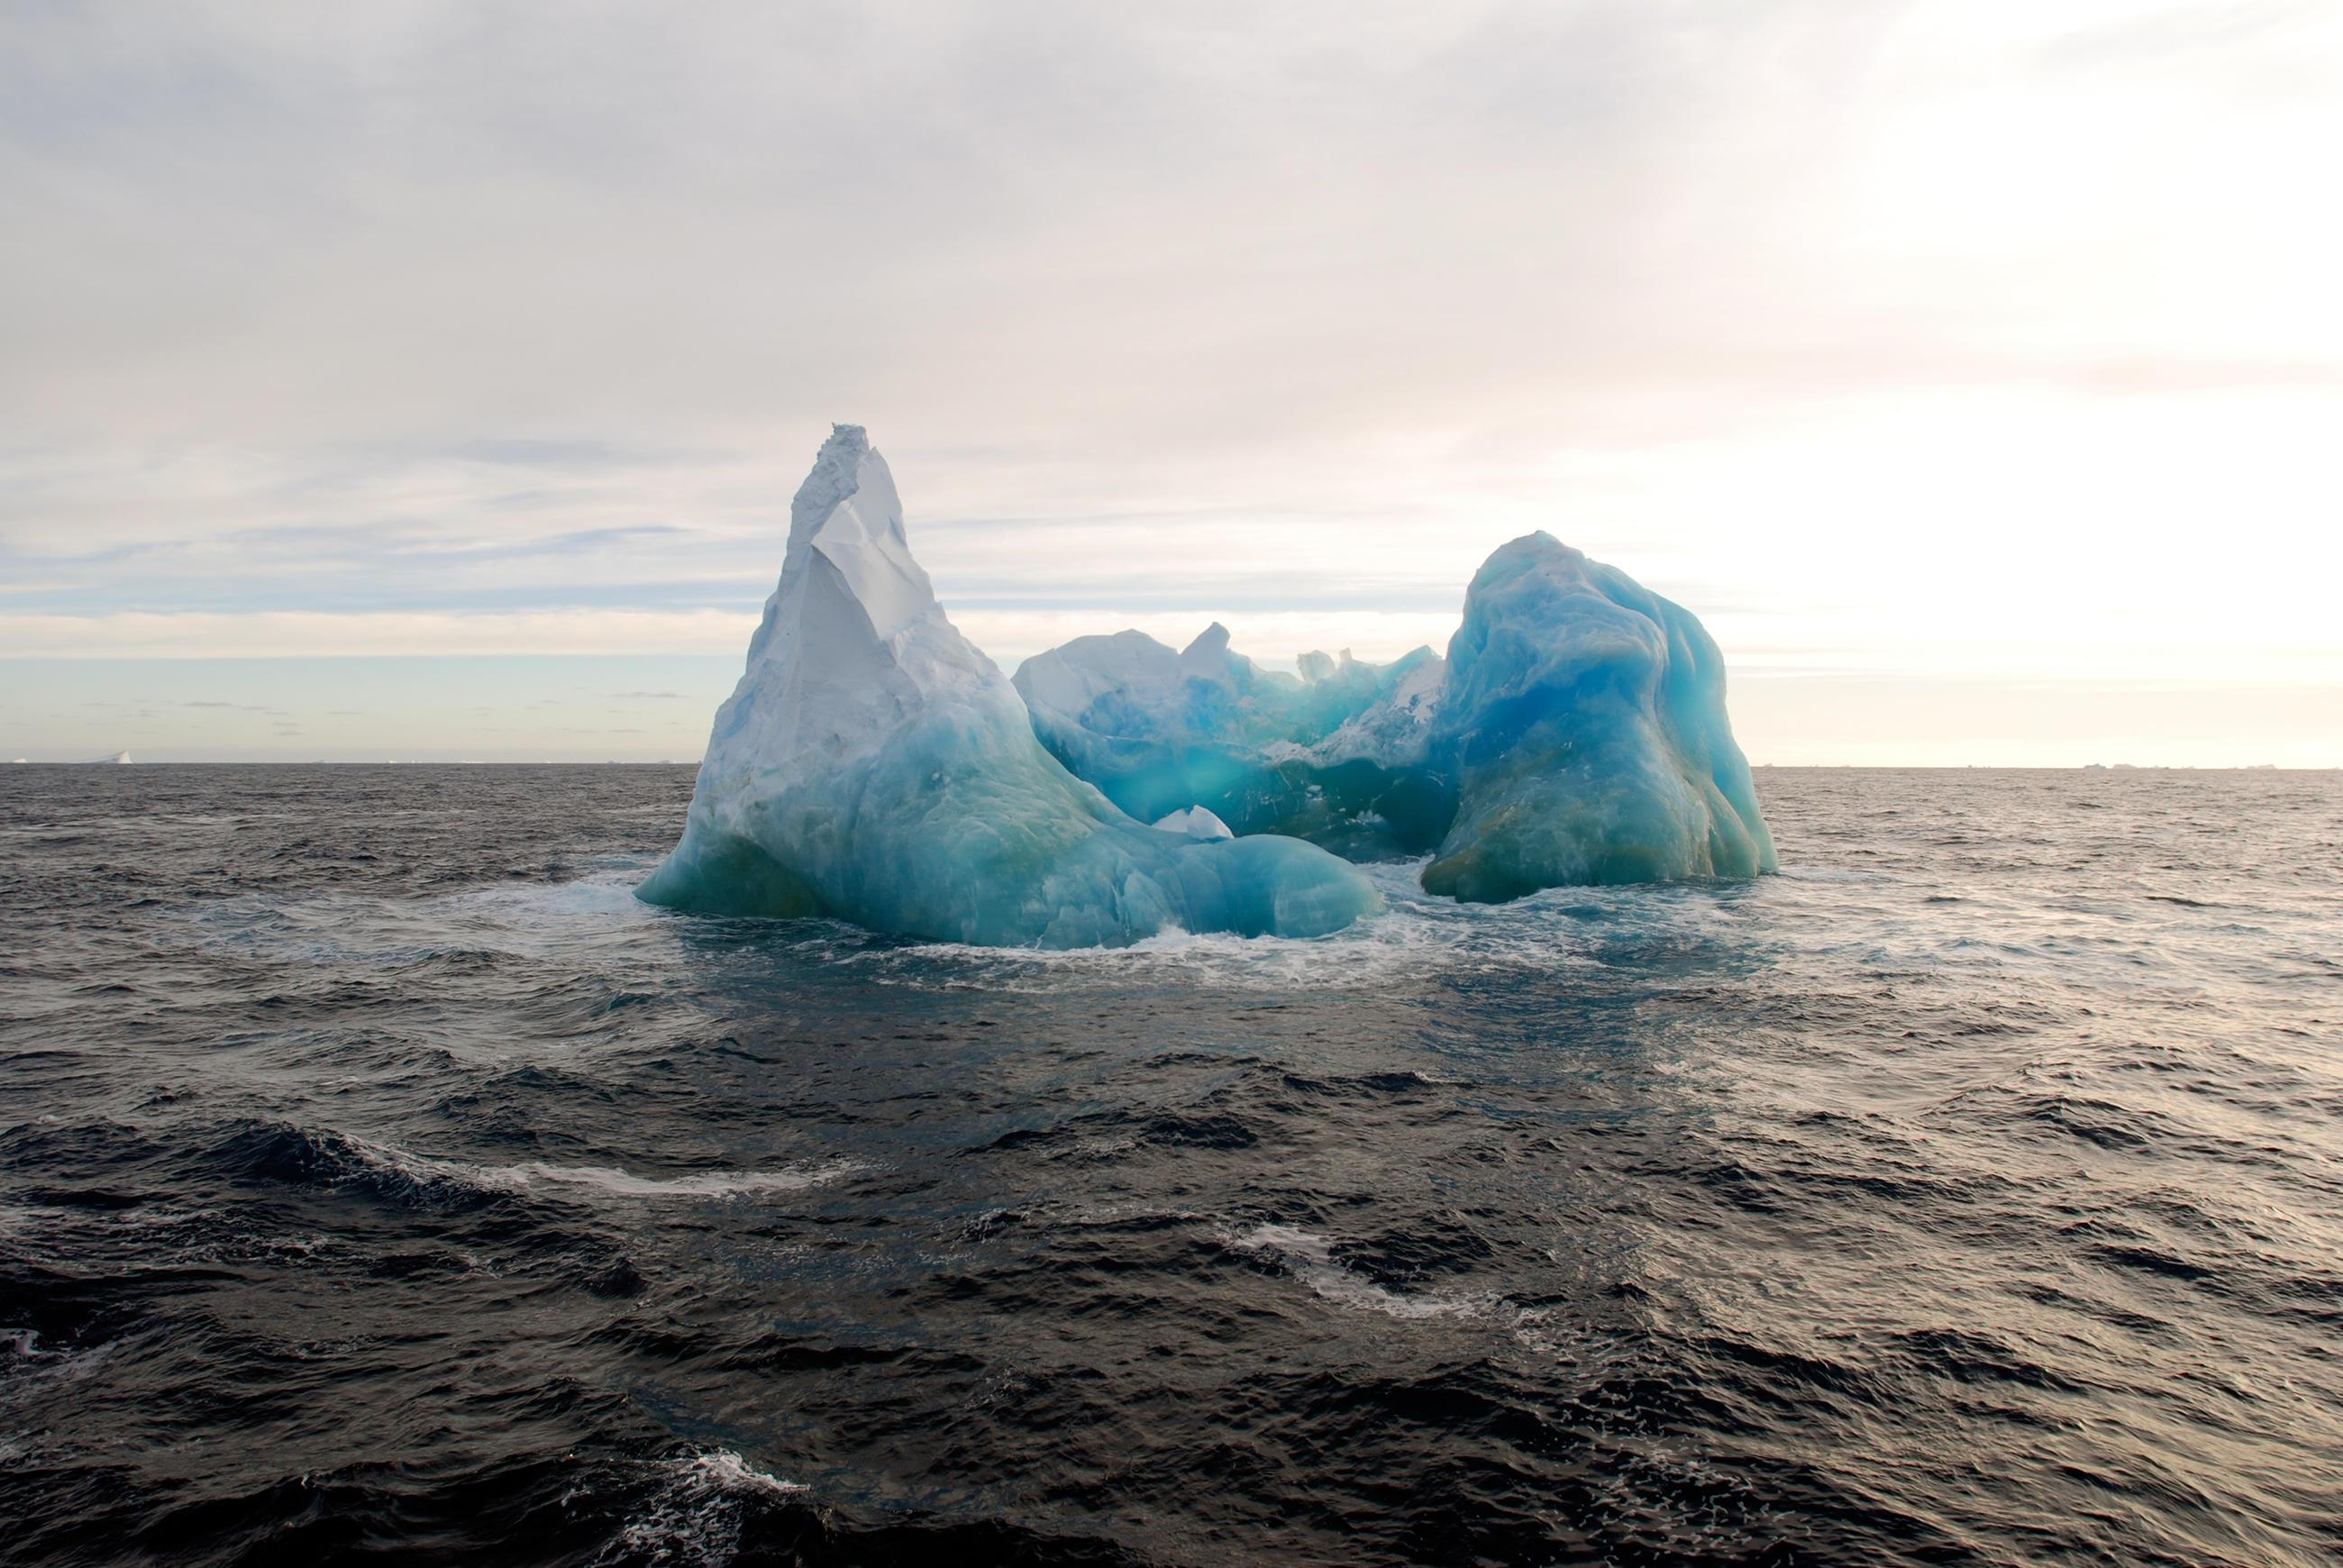 Open Ocean with Iceberg